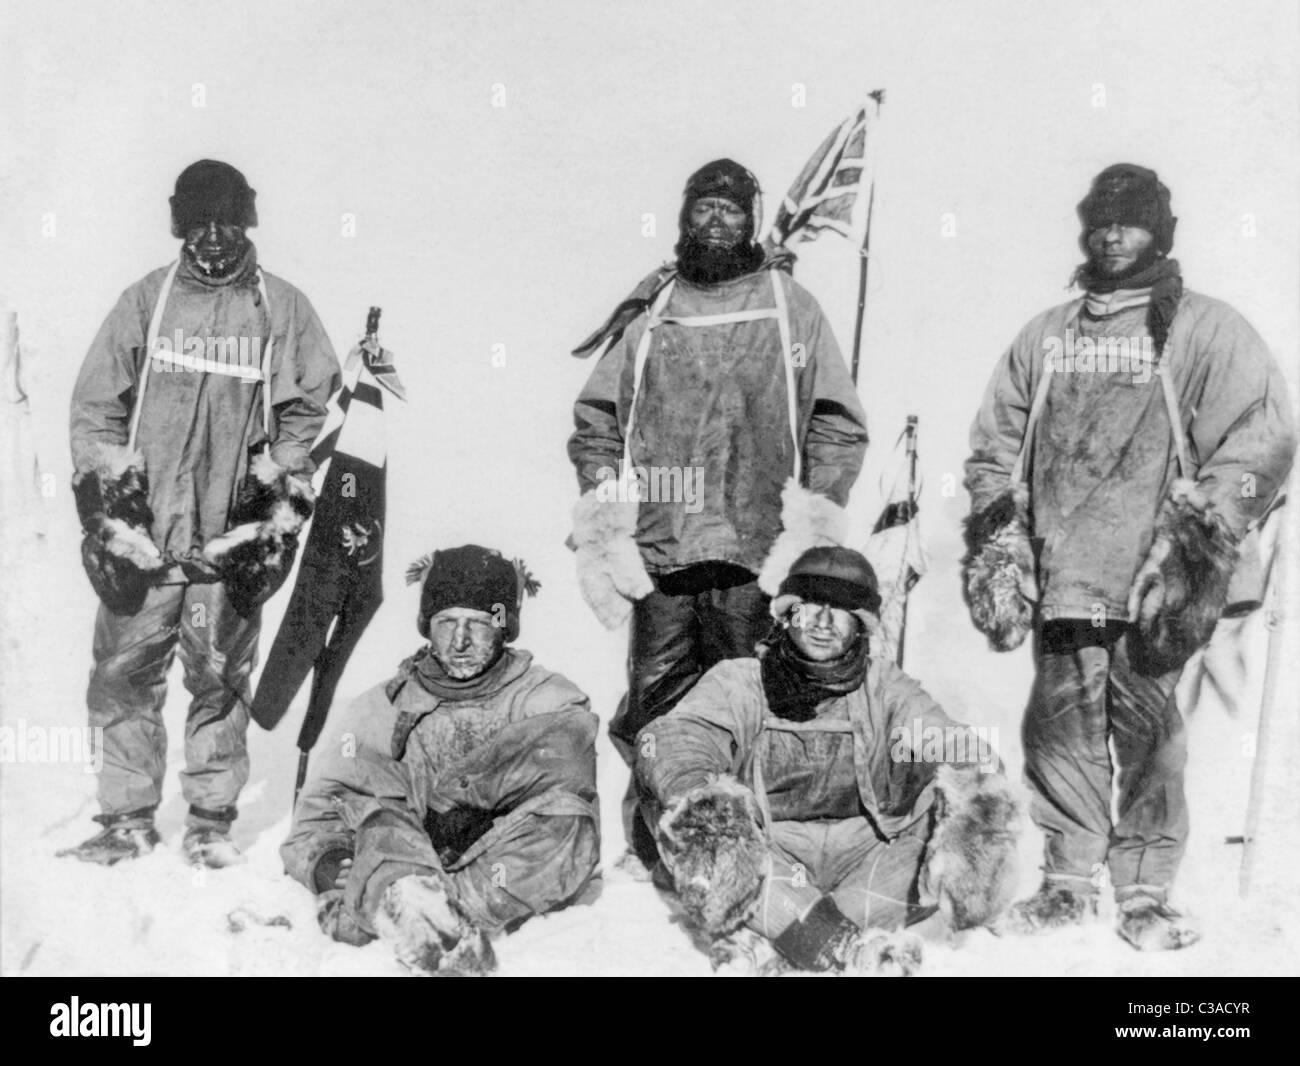 Robert Falcon Scott et les membres de son expédition Terra Nova de 1910 - 1913 au Pôle Sud en Antarctique Photo Stock